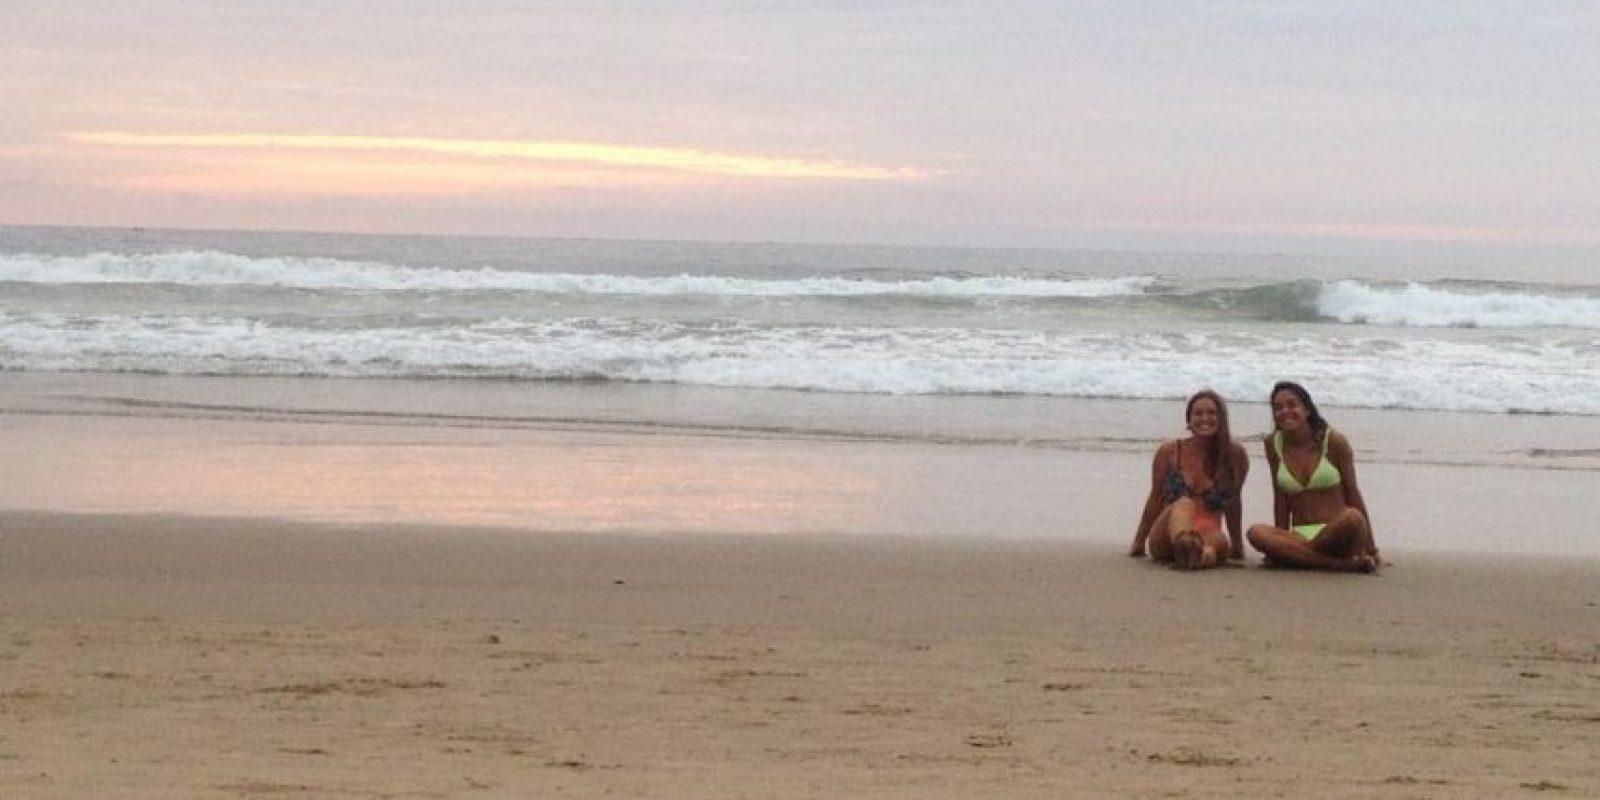 El padre de María José Coni cree que el gobierno oculta un caso de trata de personas. Foto:instagram.com/marina.menegazzo/